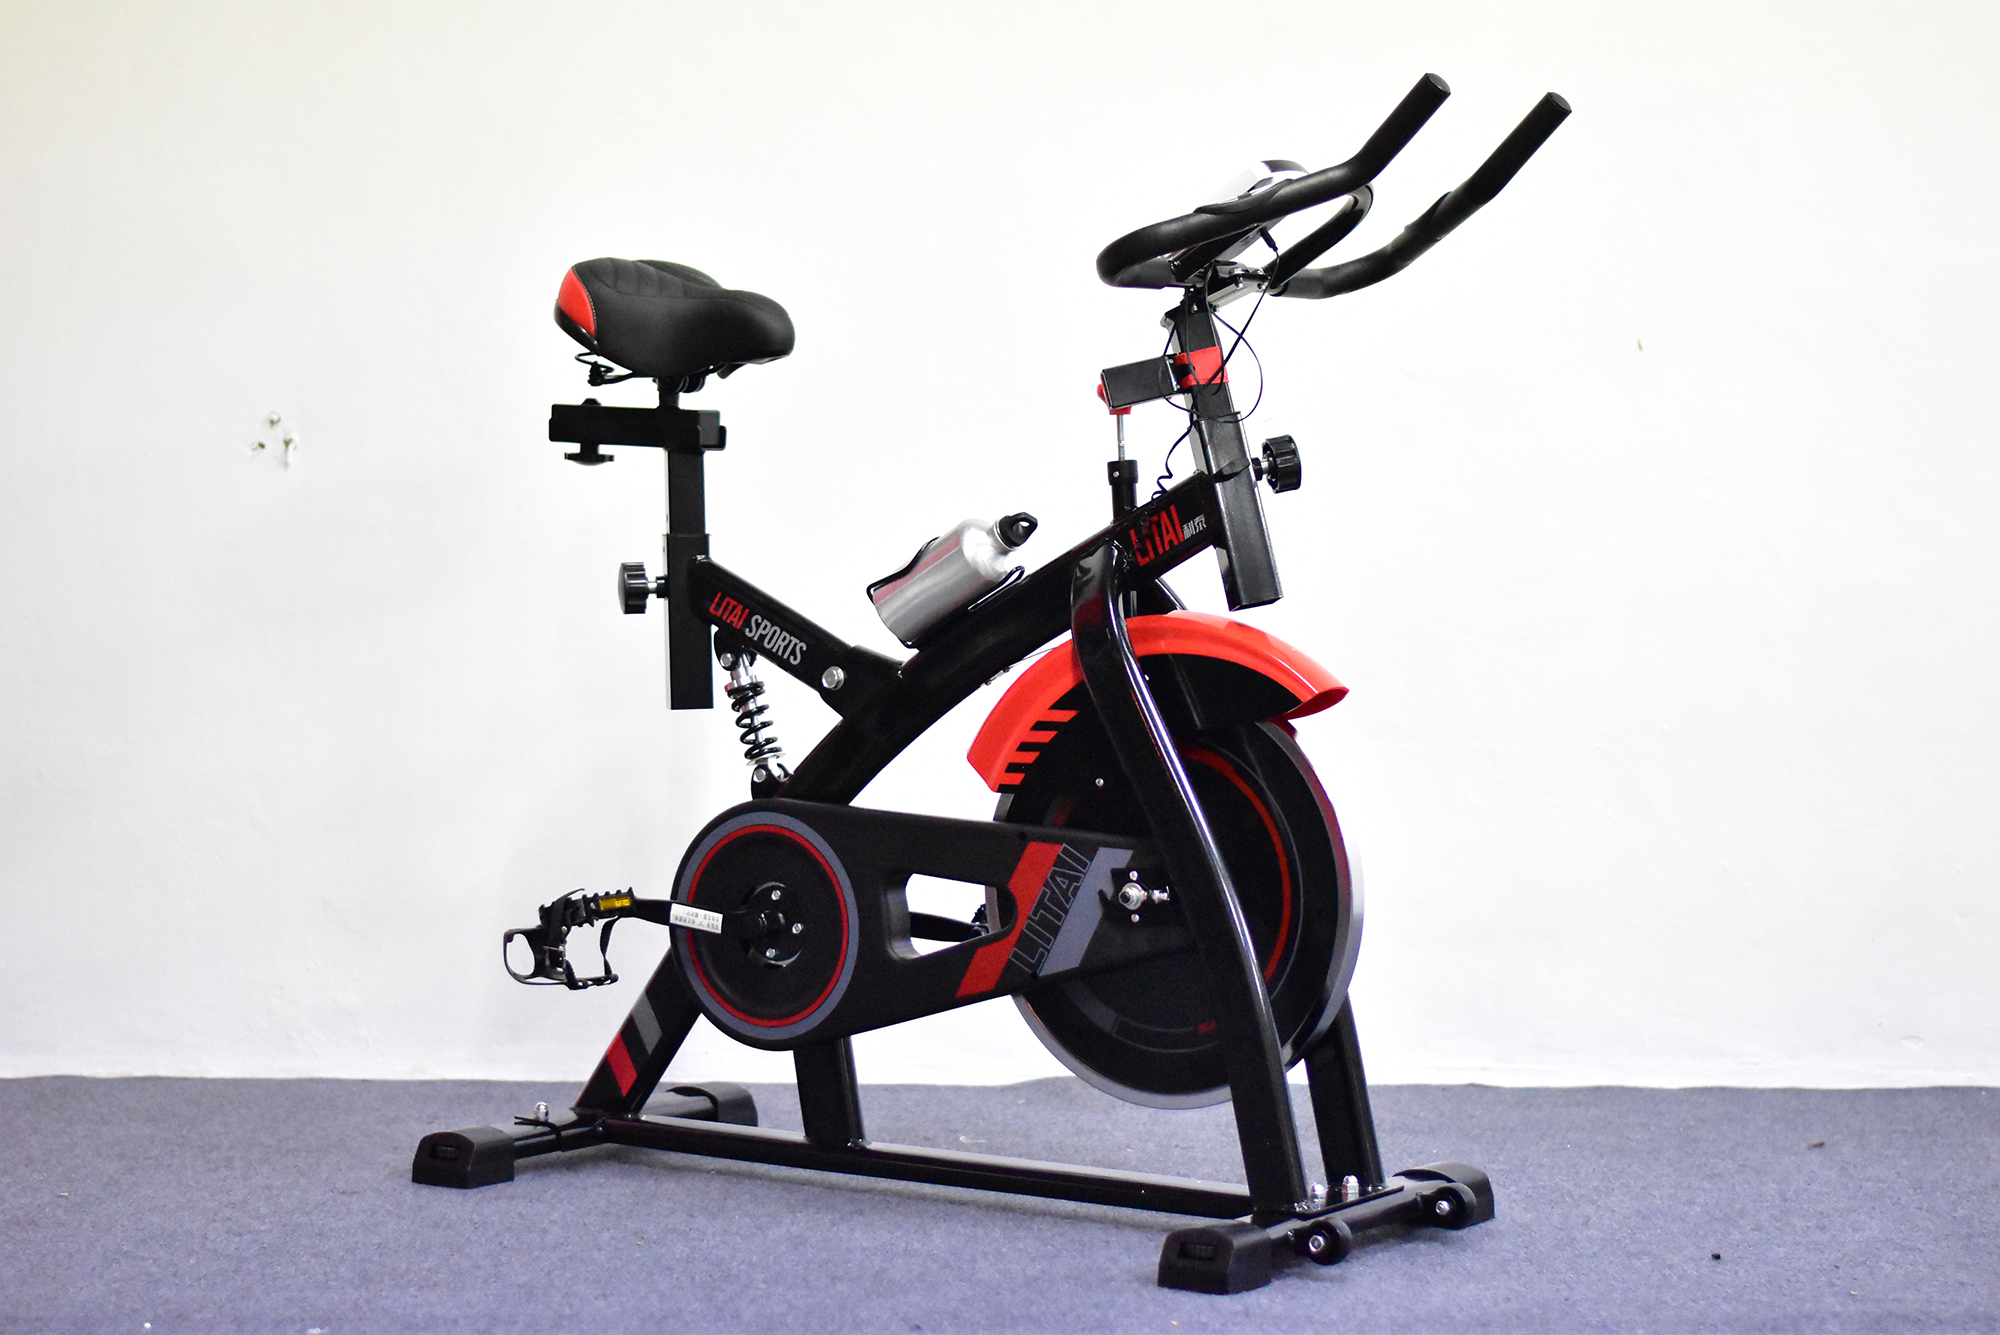 จักรยานออกกำลังกาย LITAI SPORT YX-5001S (แดง/ดำ)